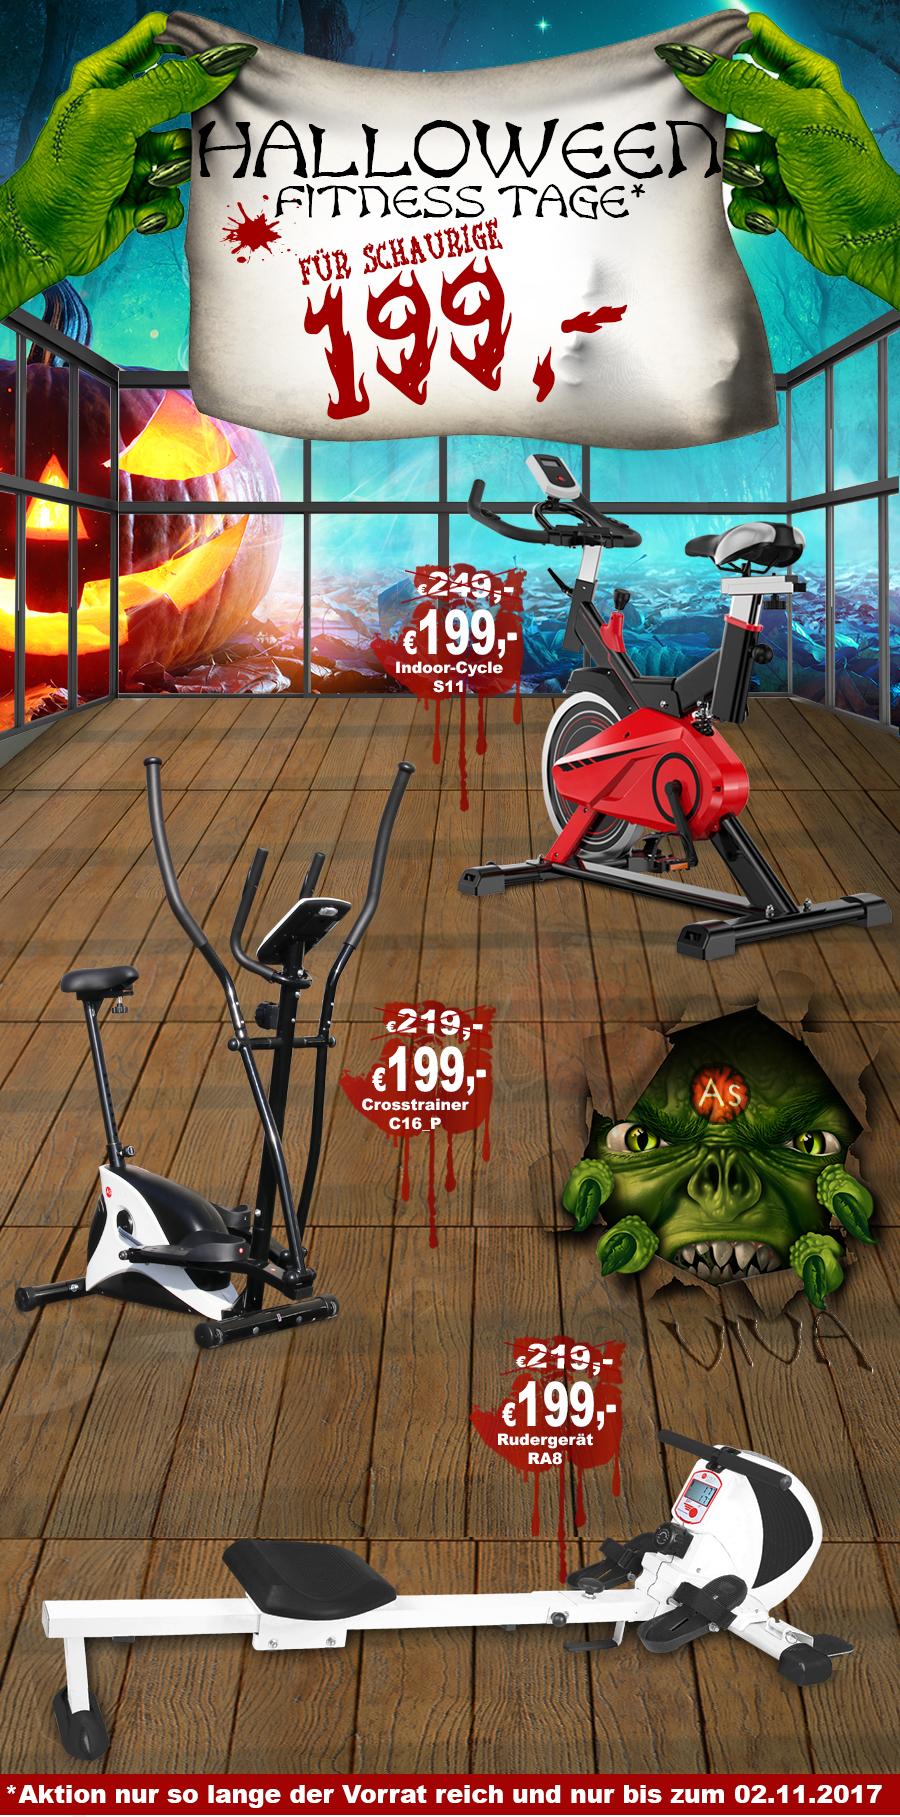 Fitness-Herbst Angebote für Fitnessgeräte